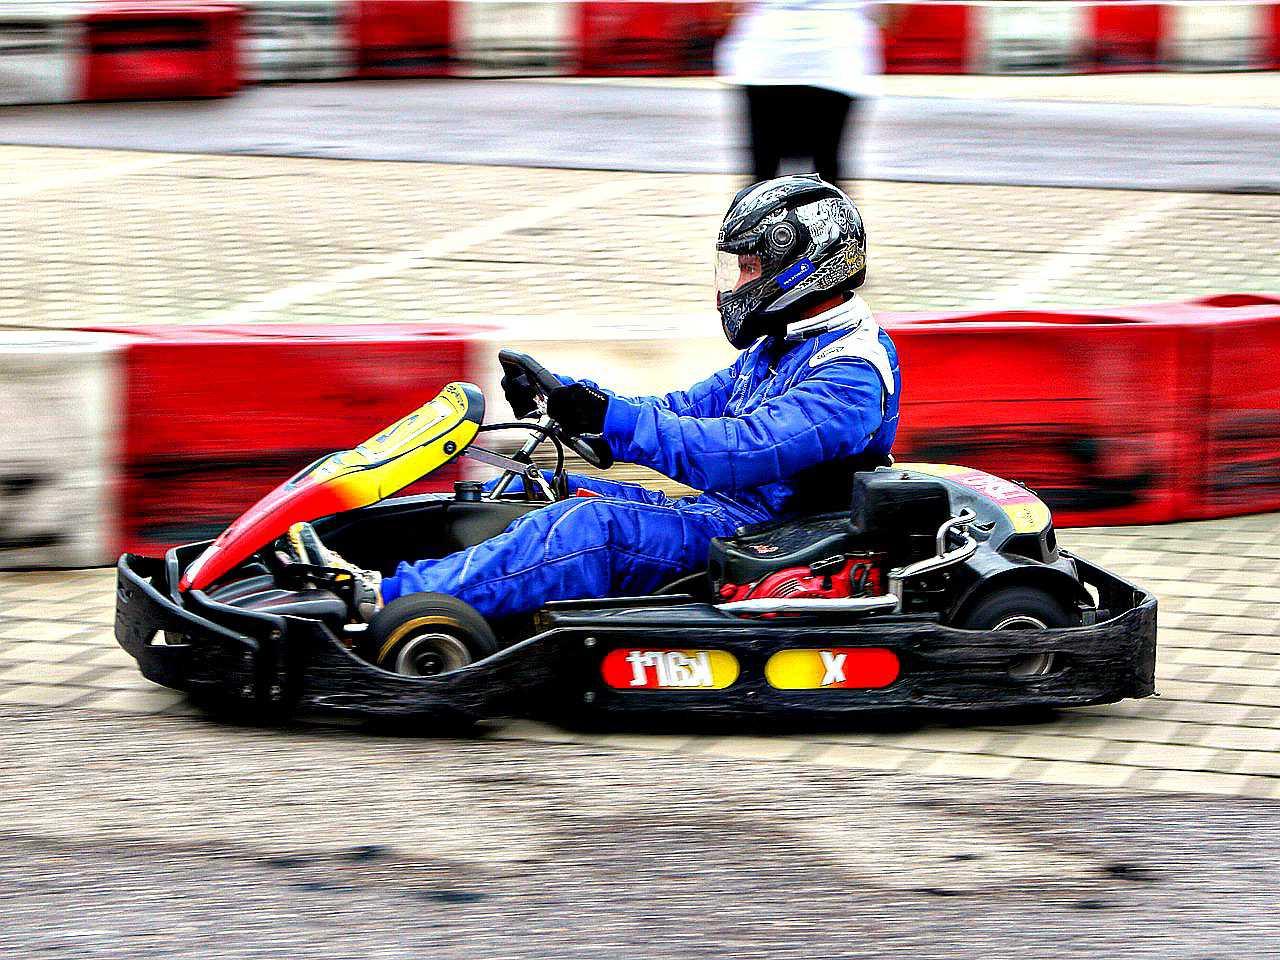 Prise d'un virage en karting de compétition